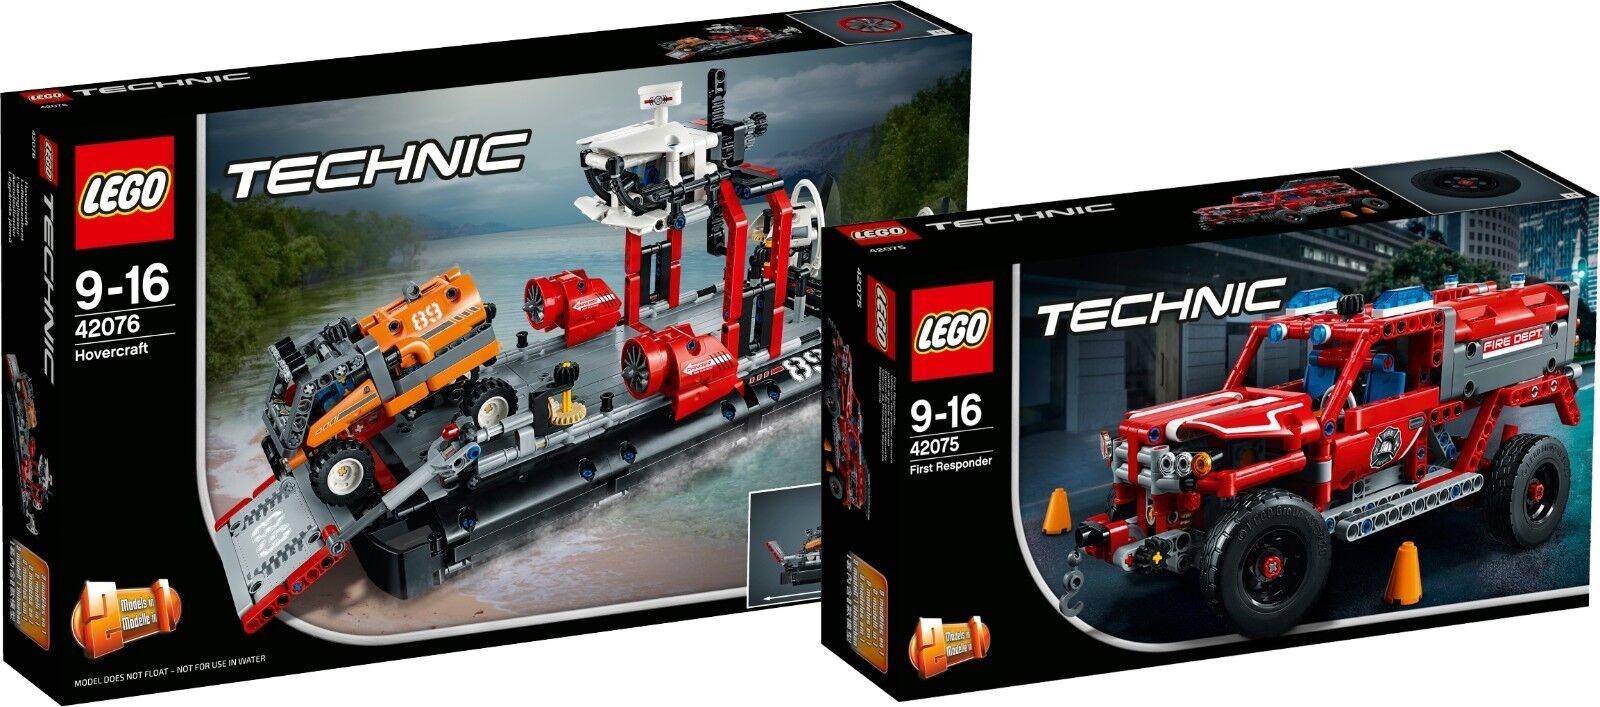 LEGO Technic 42076 42075 LuftkissenStiefel First Responder N1/18